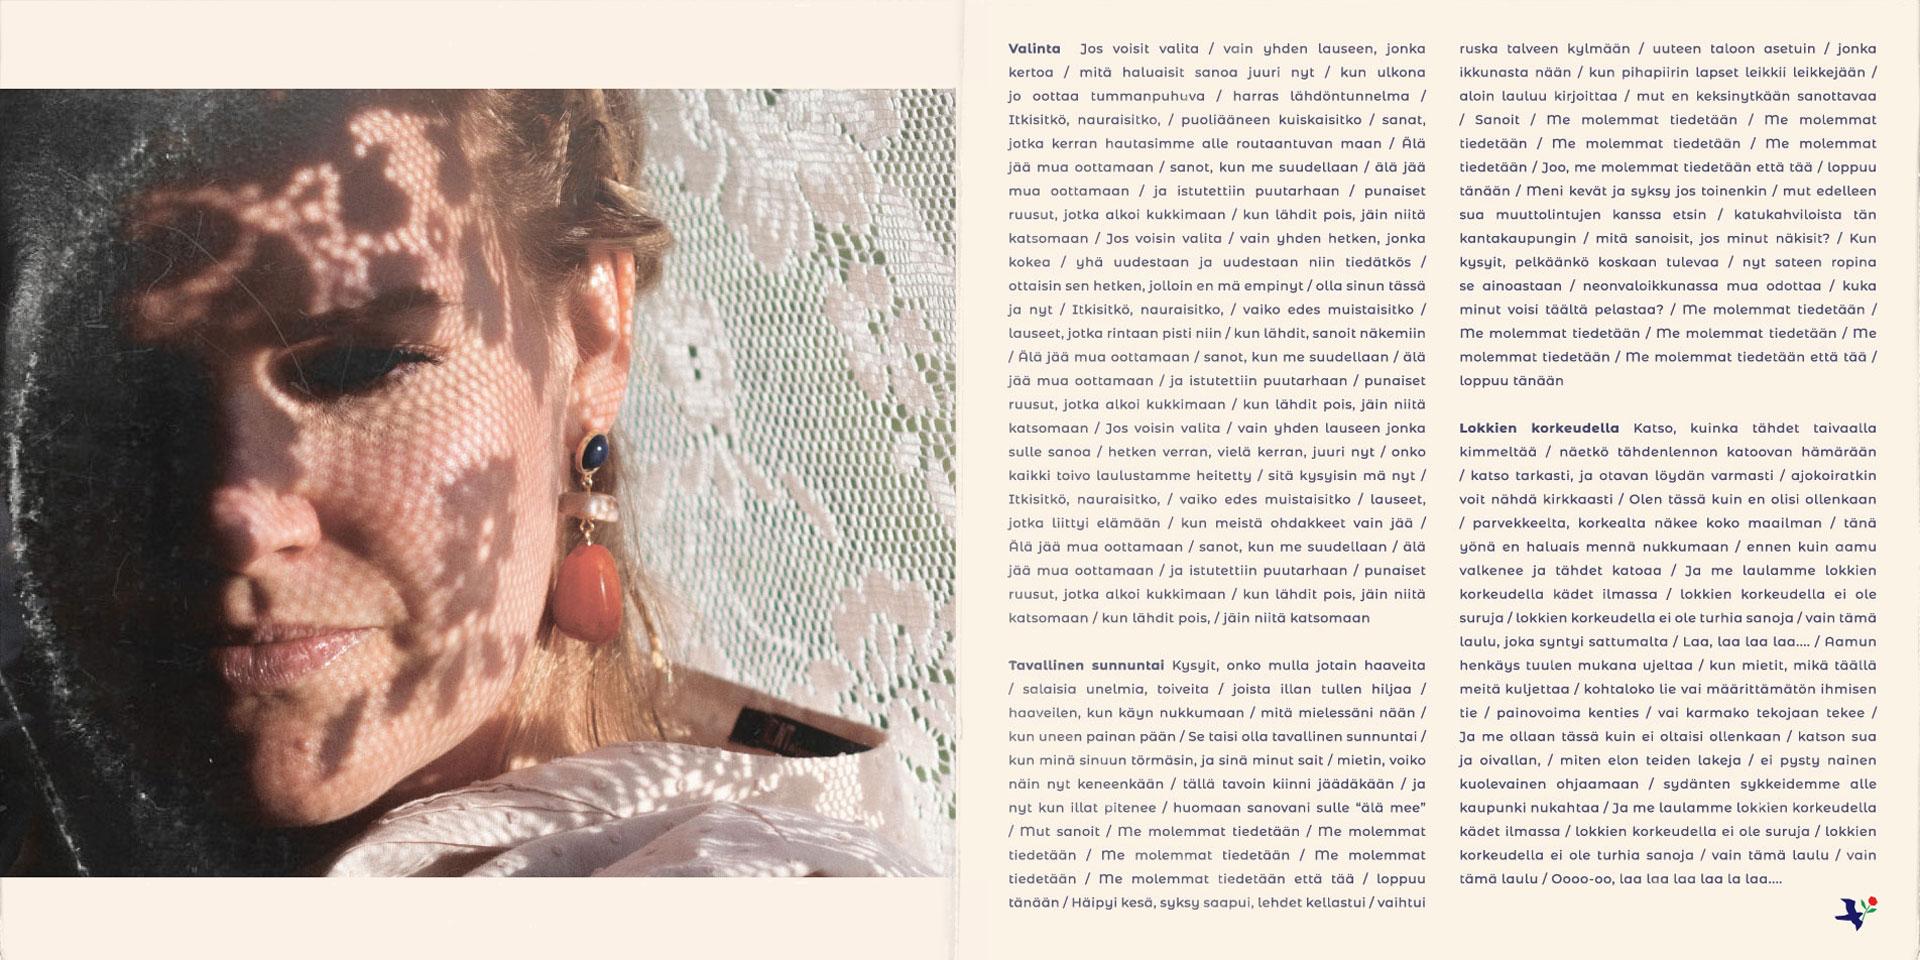 Maiju Lehti Molemmat tiedetään EP takakansi. Kuvassa näkyy Maijun ilta-auringossa kylpevät kasvot, joita varjostaa ylle vedetyn pitsiviltin kukkaiskuviot. Korvissaan Maijulla on isoäidin vanhat korvakorut, jotka sopivat Maijun uuden ilmeen väreihin.